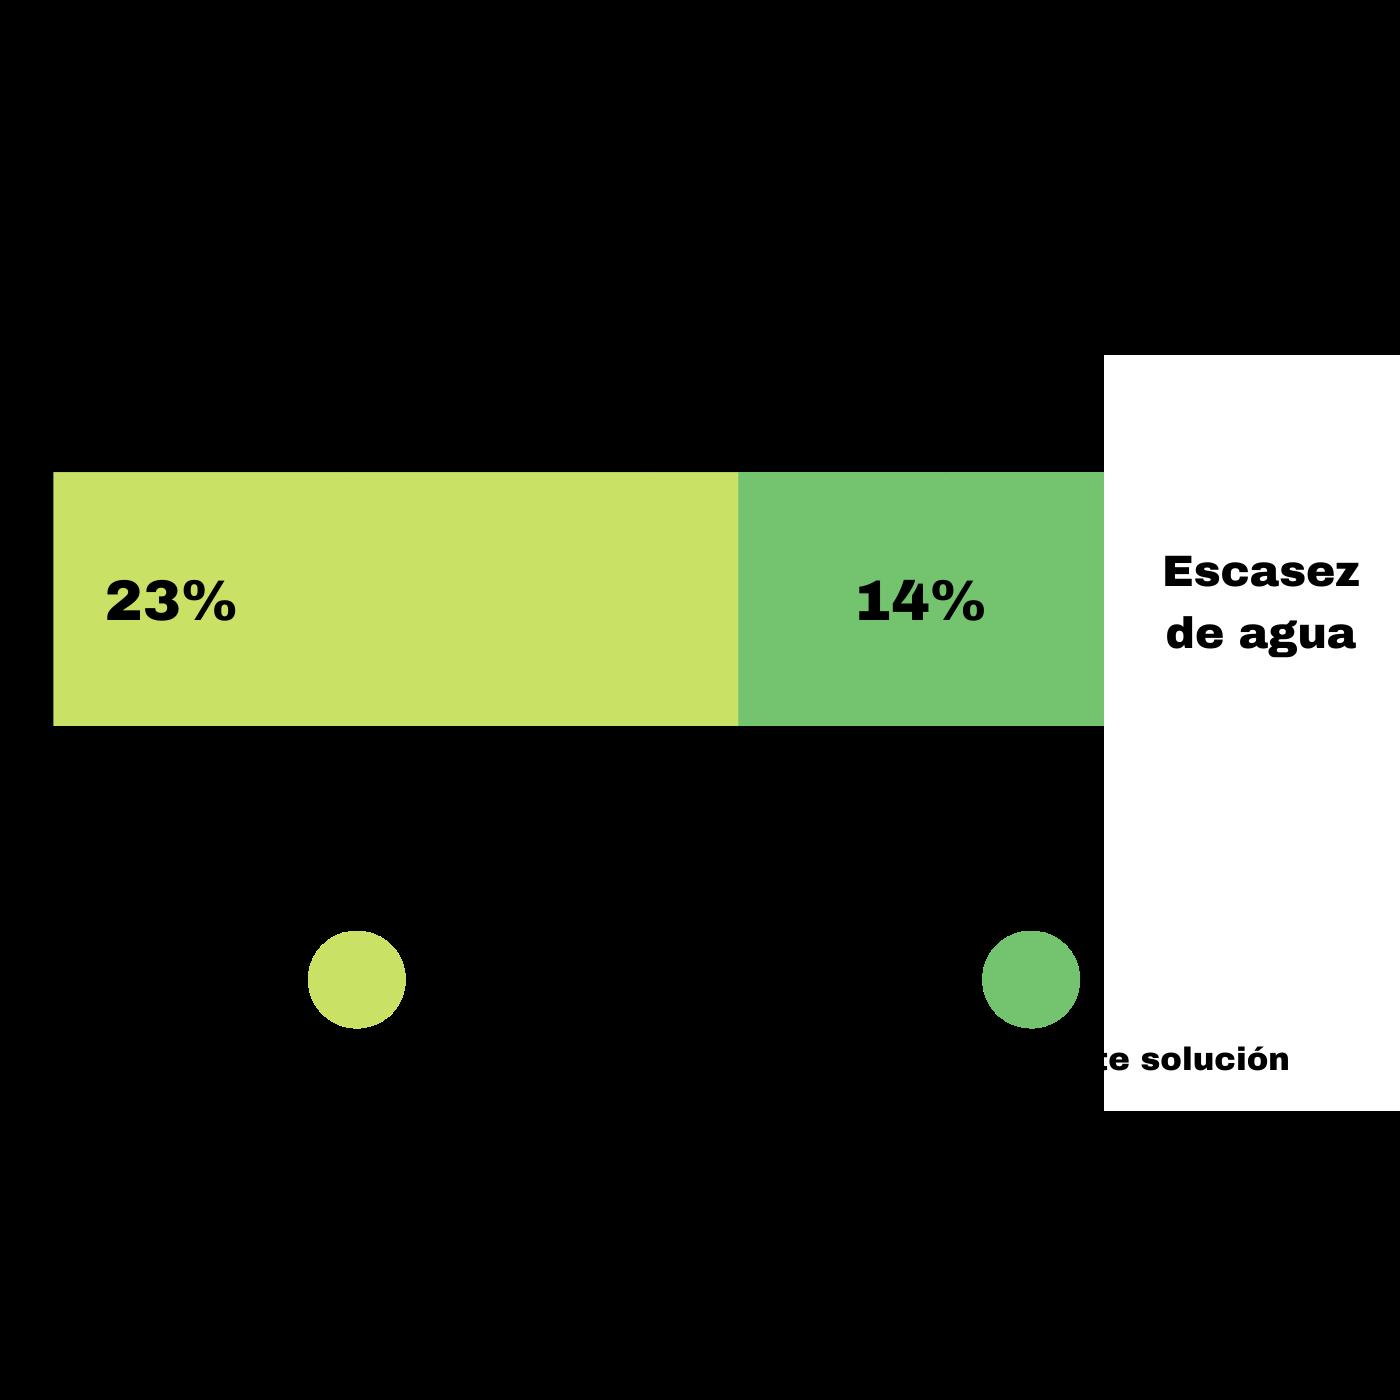 La Gestión Central Del Agua Y Las Soluciones Locales. Problemas Santa Tecla. Infografía. Roberto d'Aubuisson. 2021